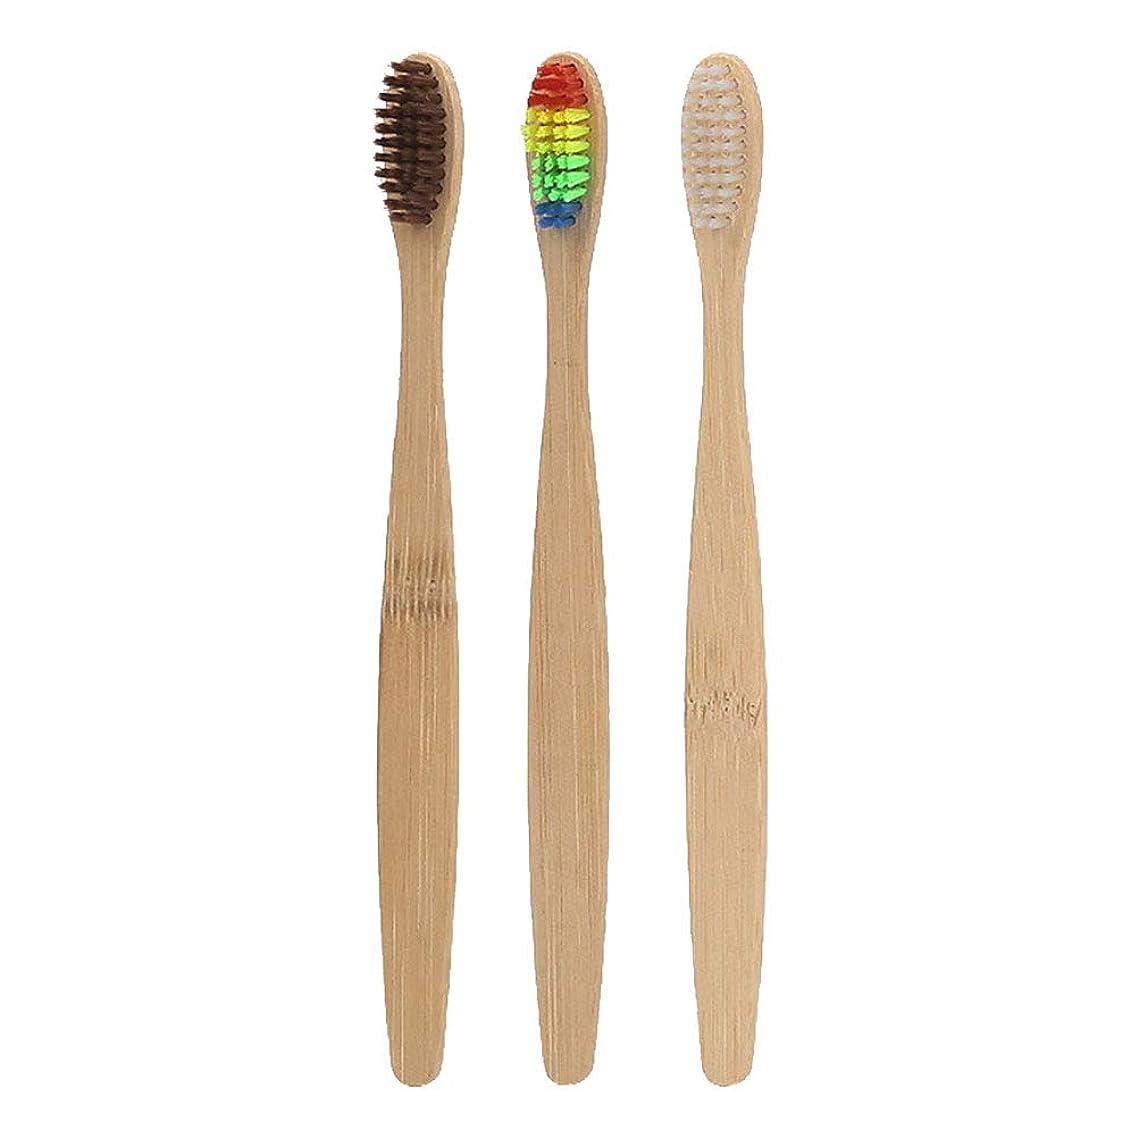 チート生き返らせる骨折SUPVOX 竹の歯ブラシ女性のためのナチュラルソフト歯ブラシ男性3本(白い剛毛+虹色の剛毛+茶色の剛毛)